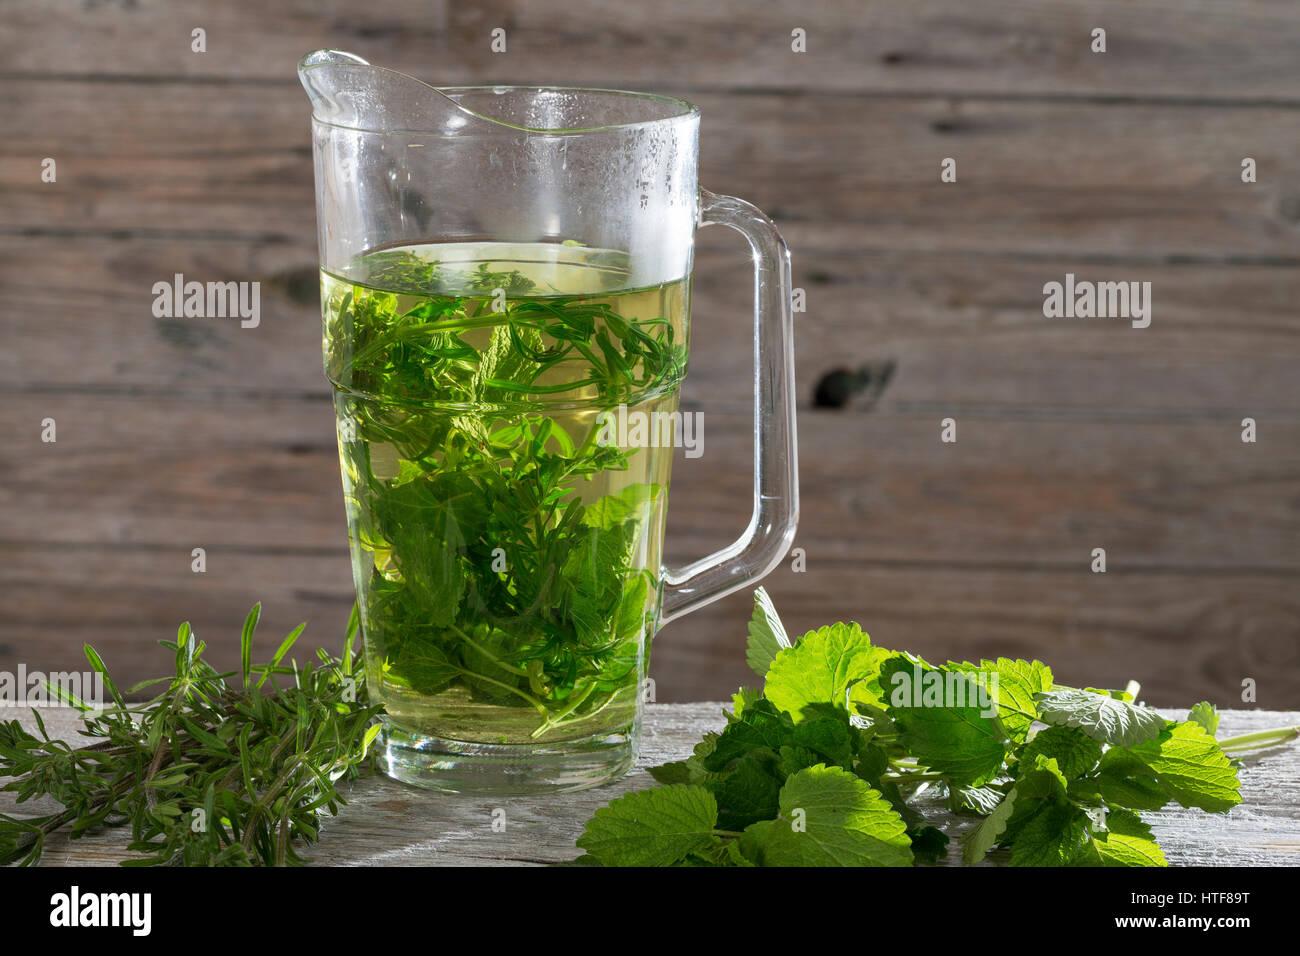 Kräutertee, Tee aus Zitronenmelisse, Zitronen-Melisse, Melisse und Kletten-Labkraut, Klettkraut, Klettenlabkraut, - Stock Image